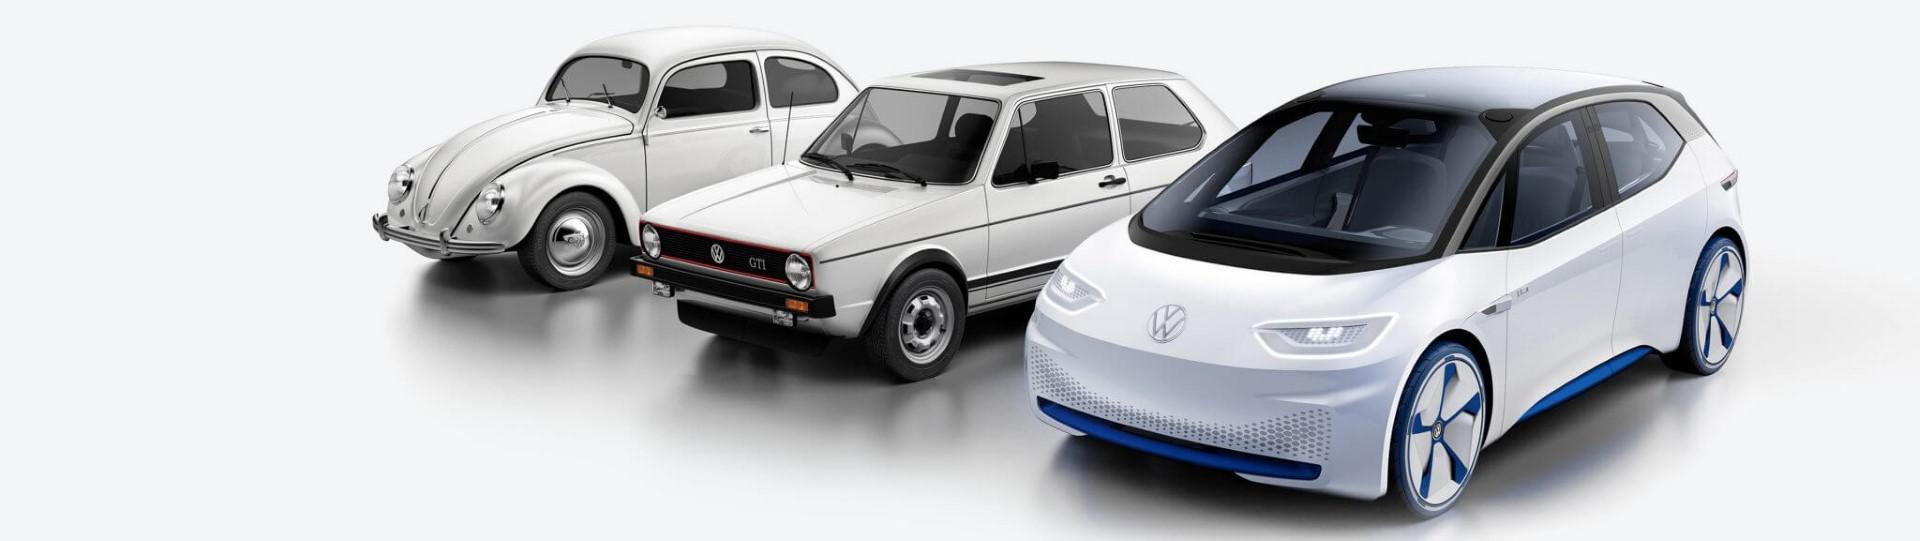 autoworld-museum-brussels-presente-volkswagen-milestones-1421-7.jpg